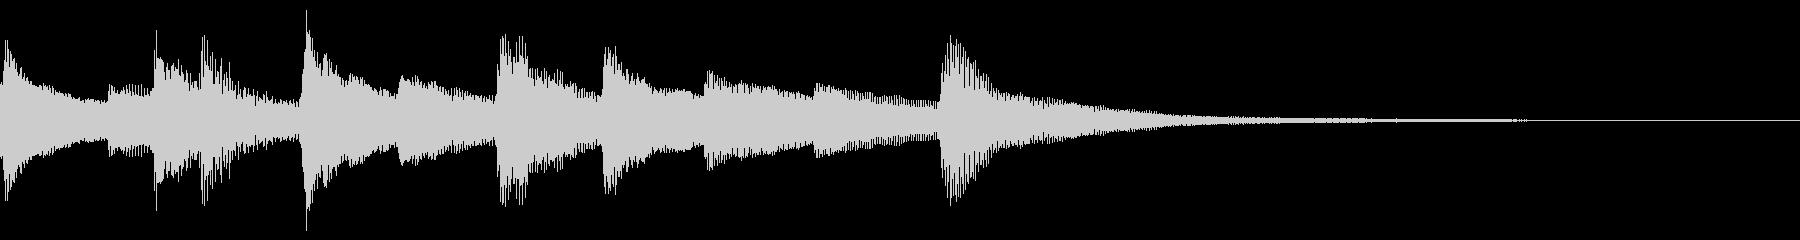 明るいピアノのジングル13の未再生の波形